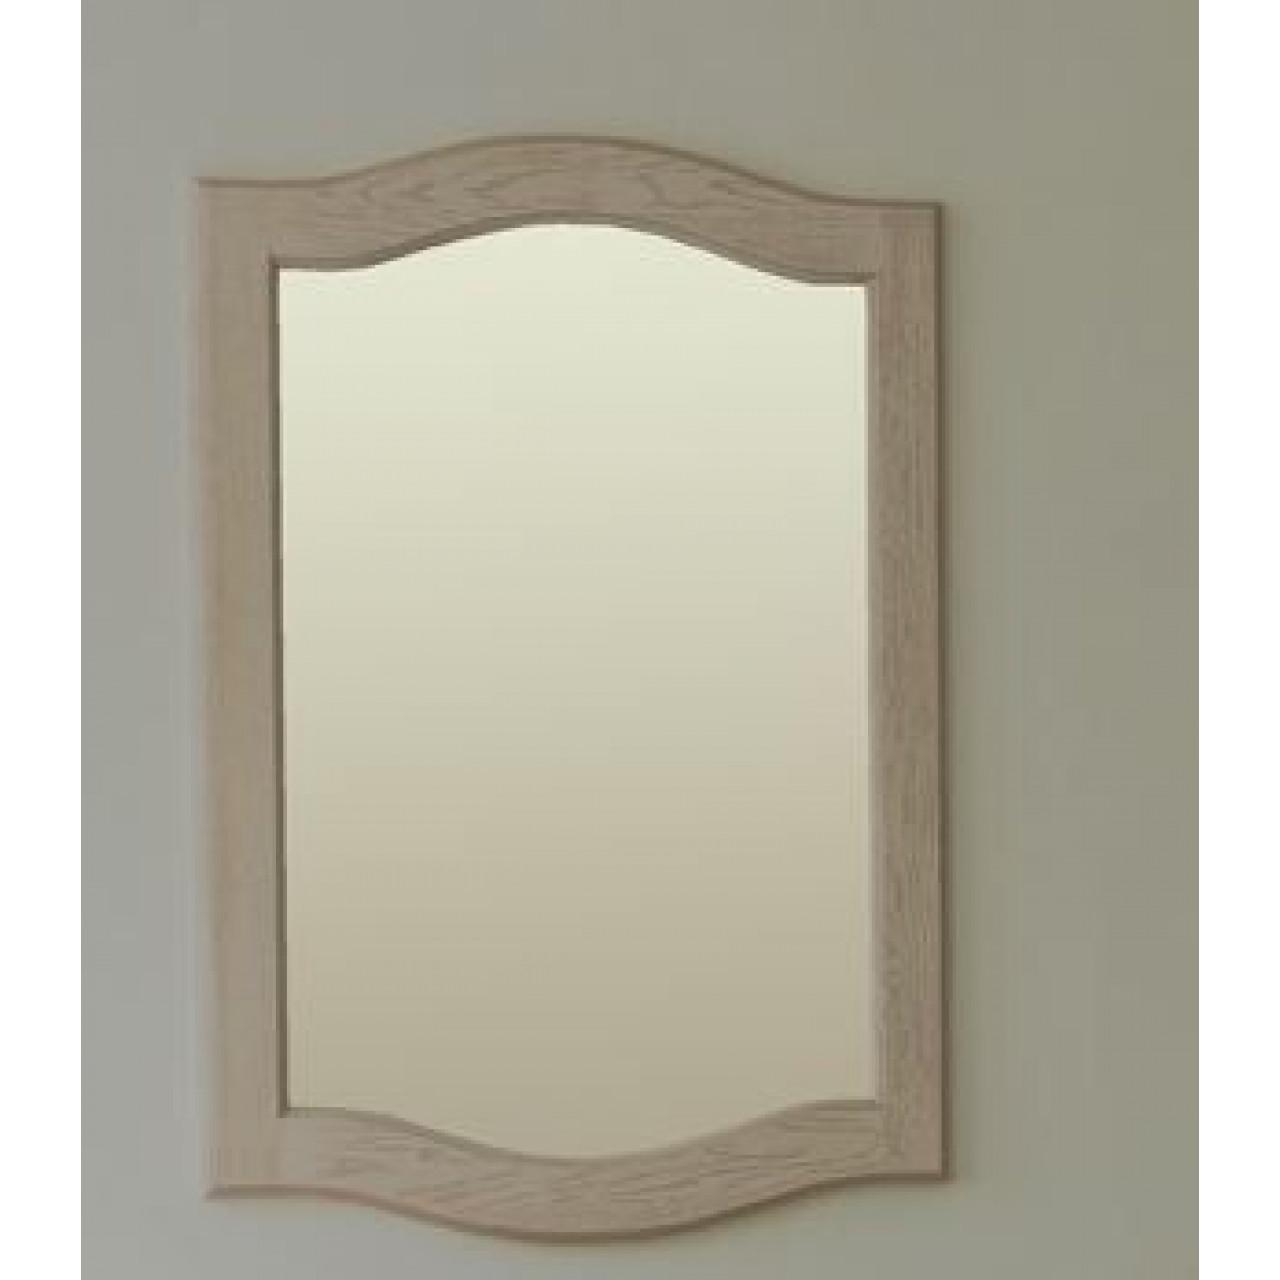 Зеркало Аллигатор Ван 56E купить в Москве по цене от 5050р. в интернет-магазине mebel-v-vannu.ru